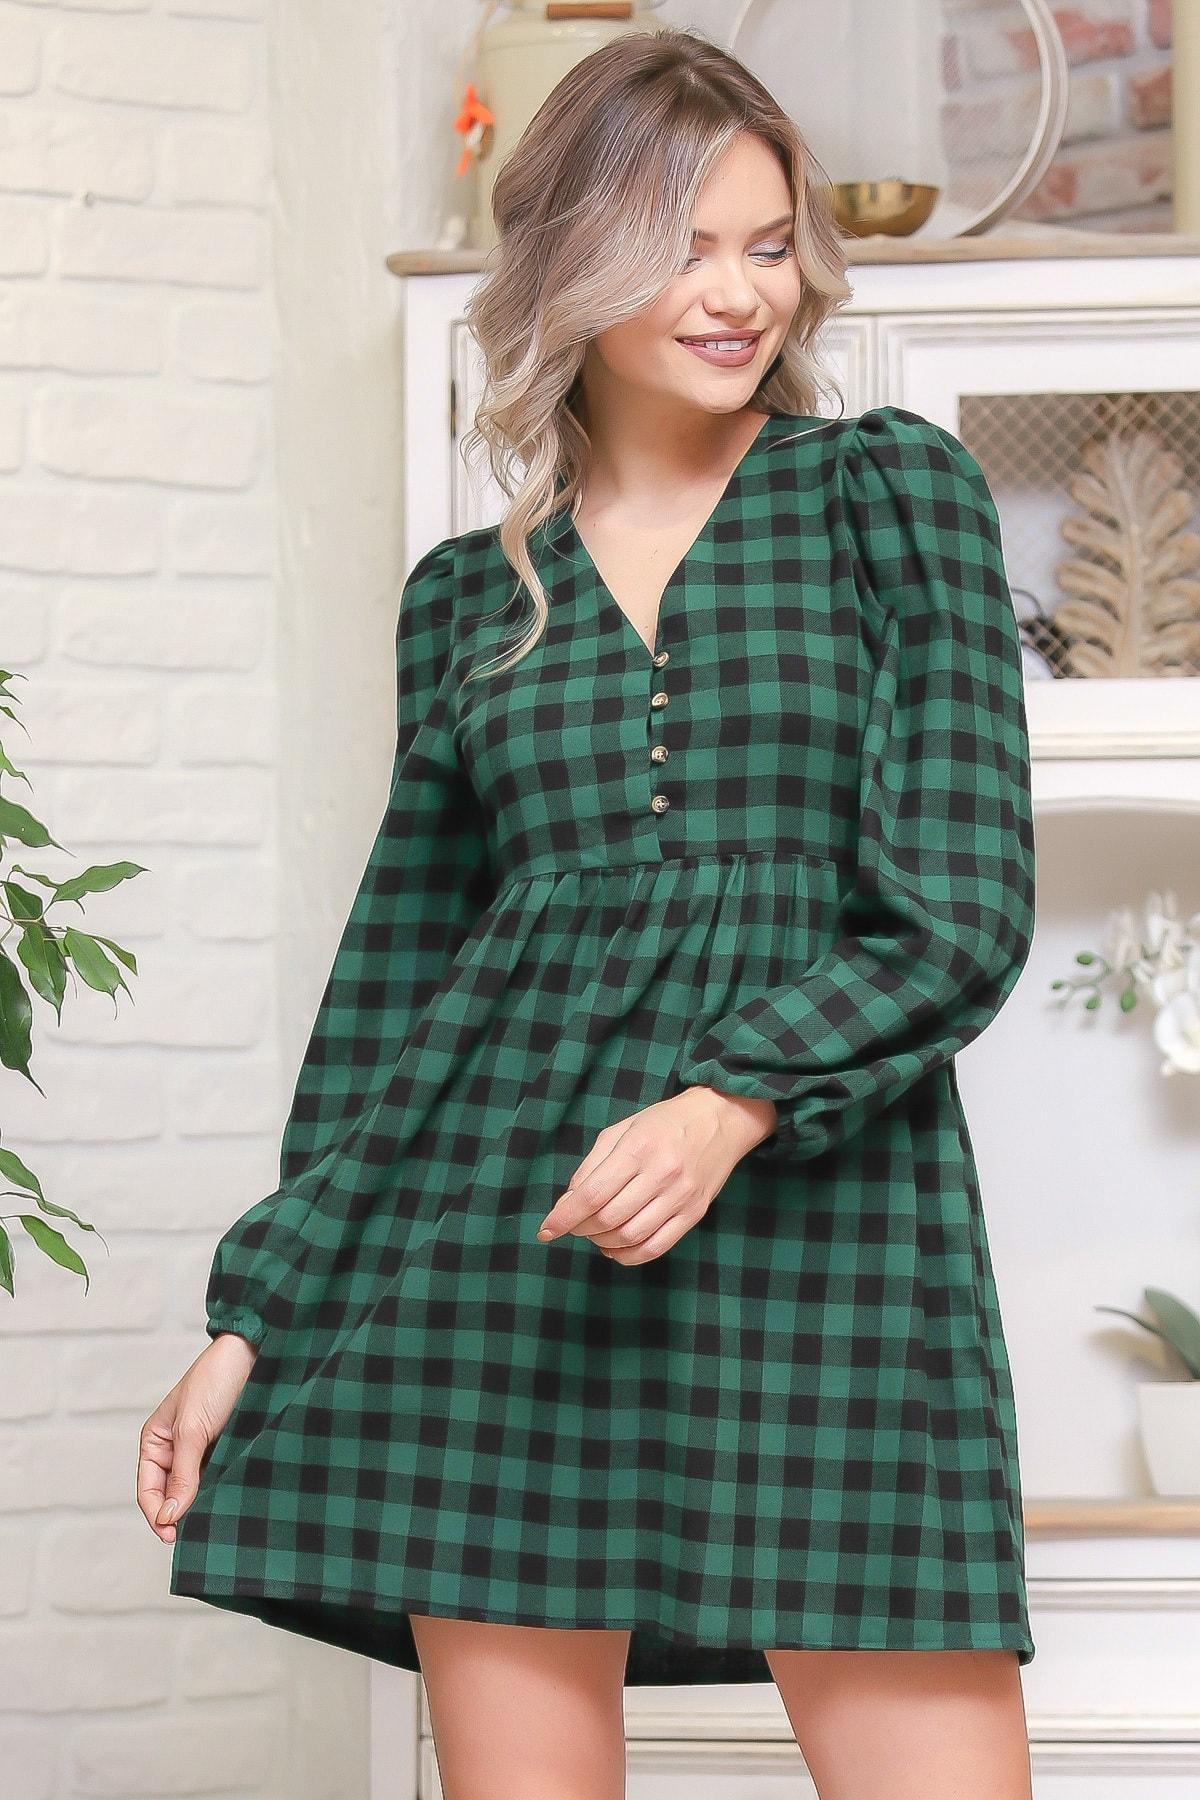 Chiccy Kadın Multİ Ekose Desen Düğme Detaylı Retro Elbise M10160000EL95976 2